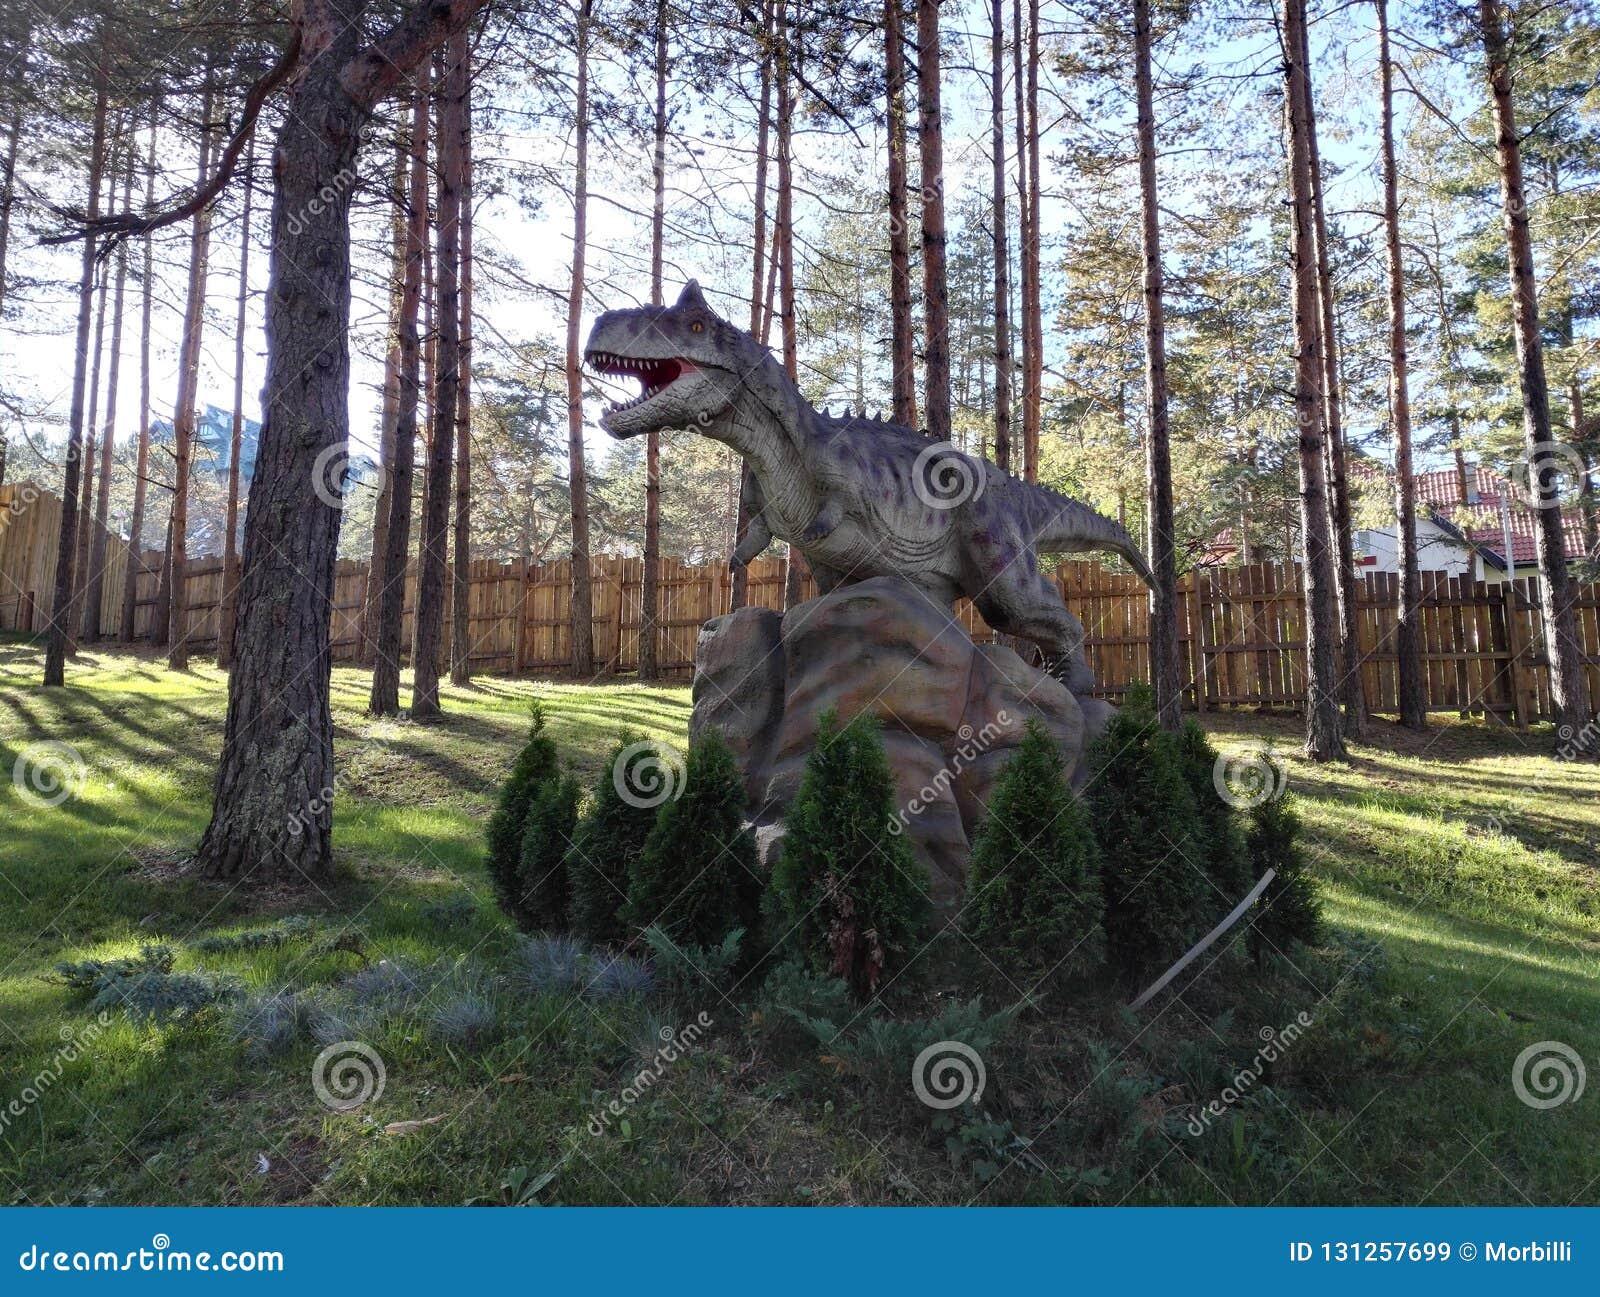 Dino Park Dinosaur Dino Park Adventure In Zlatibor Serbien Stockbild Bild Von Serbien Anziehung 131257699